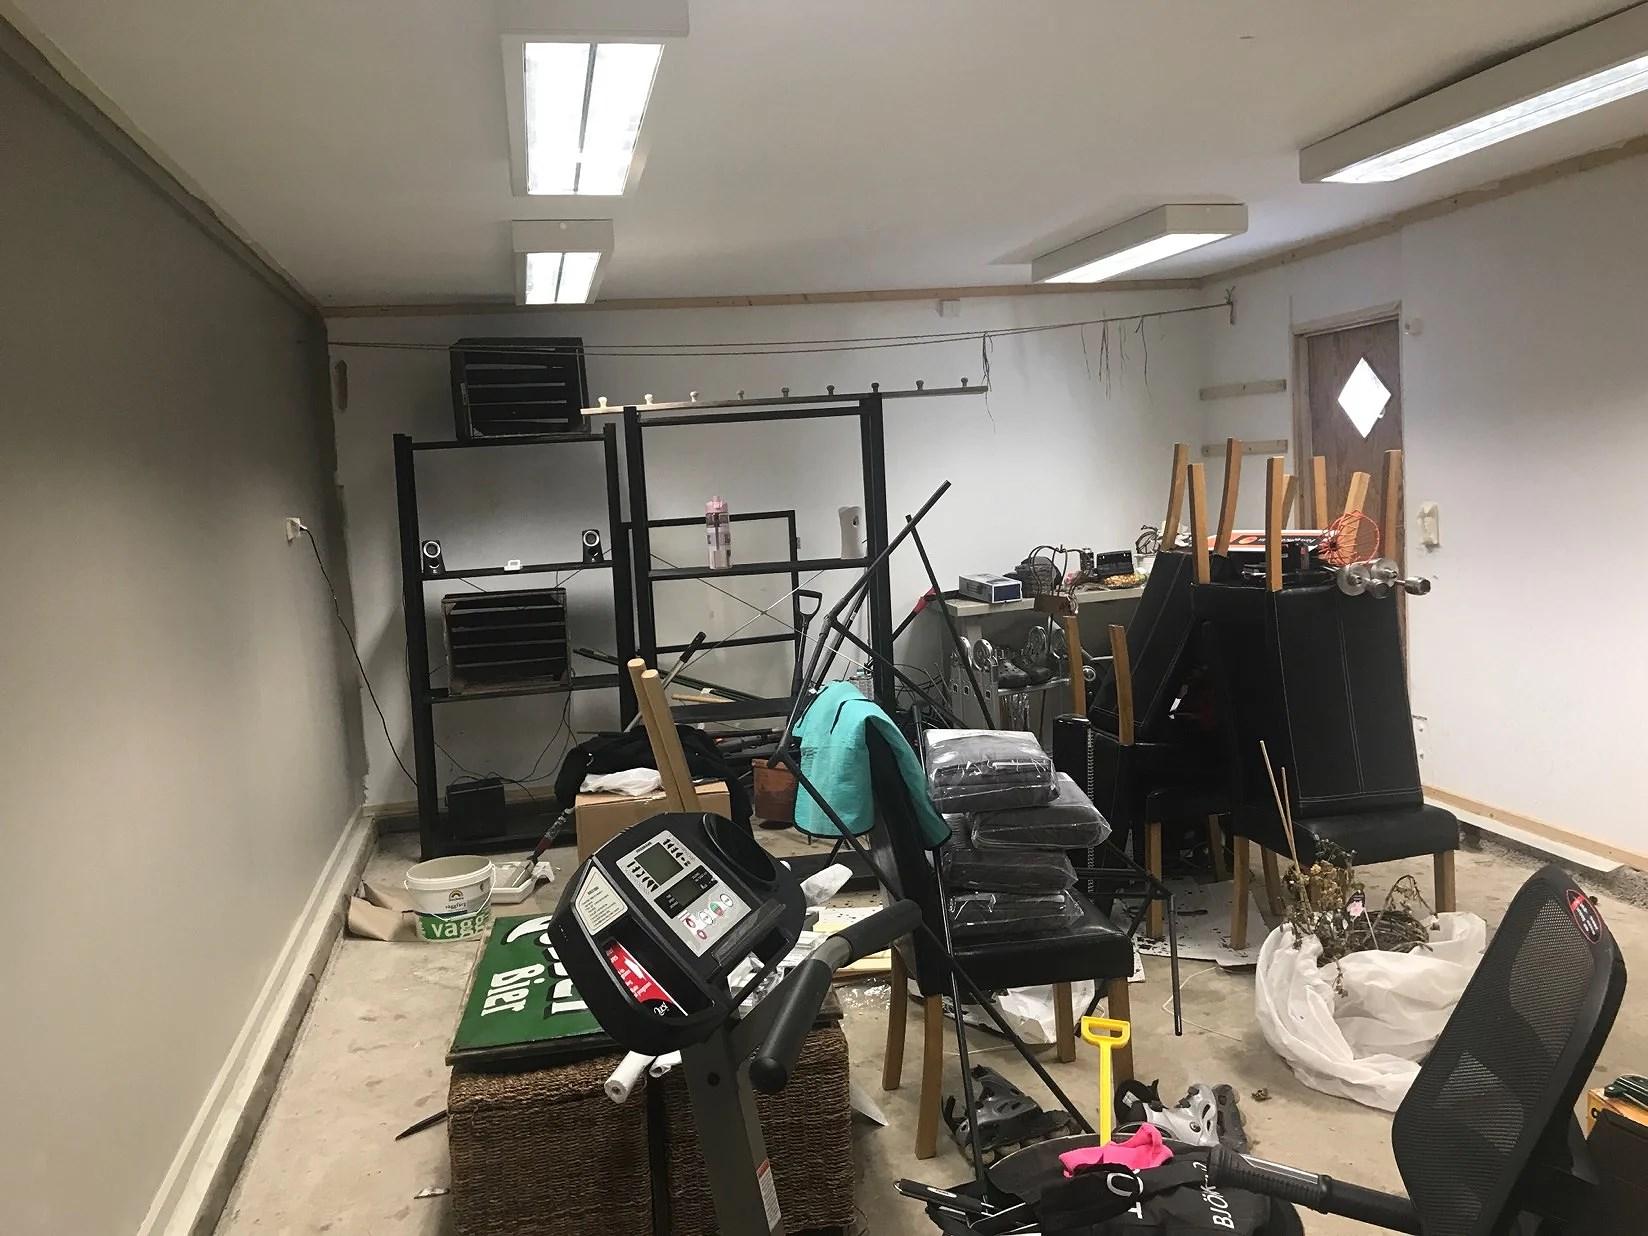 Gameroom/Mancave